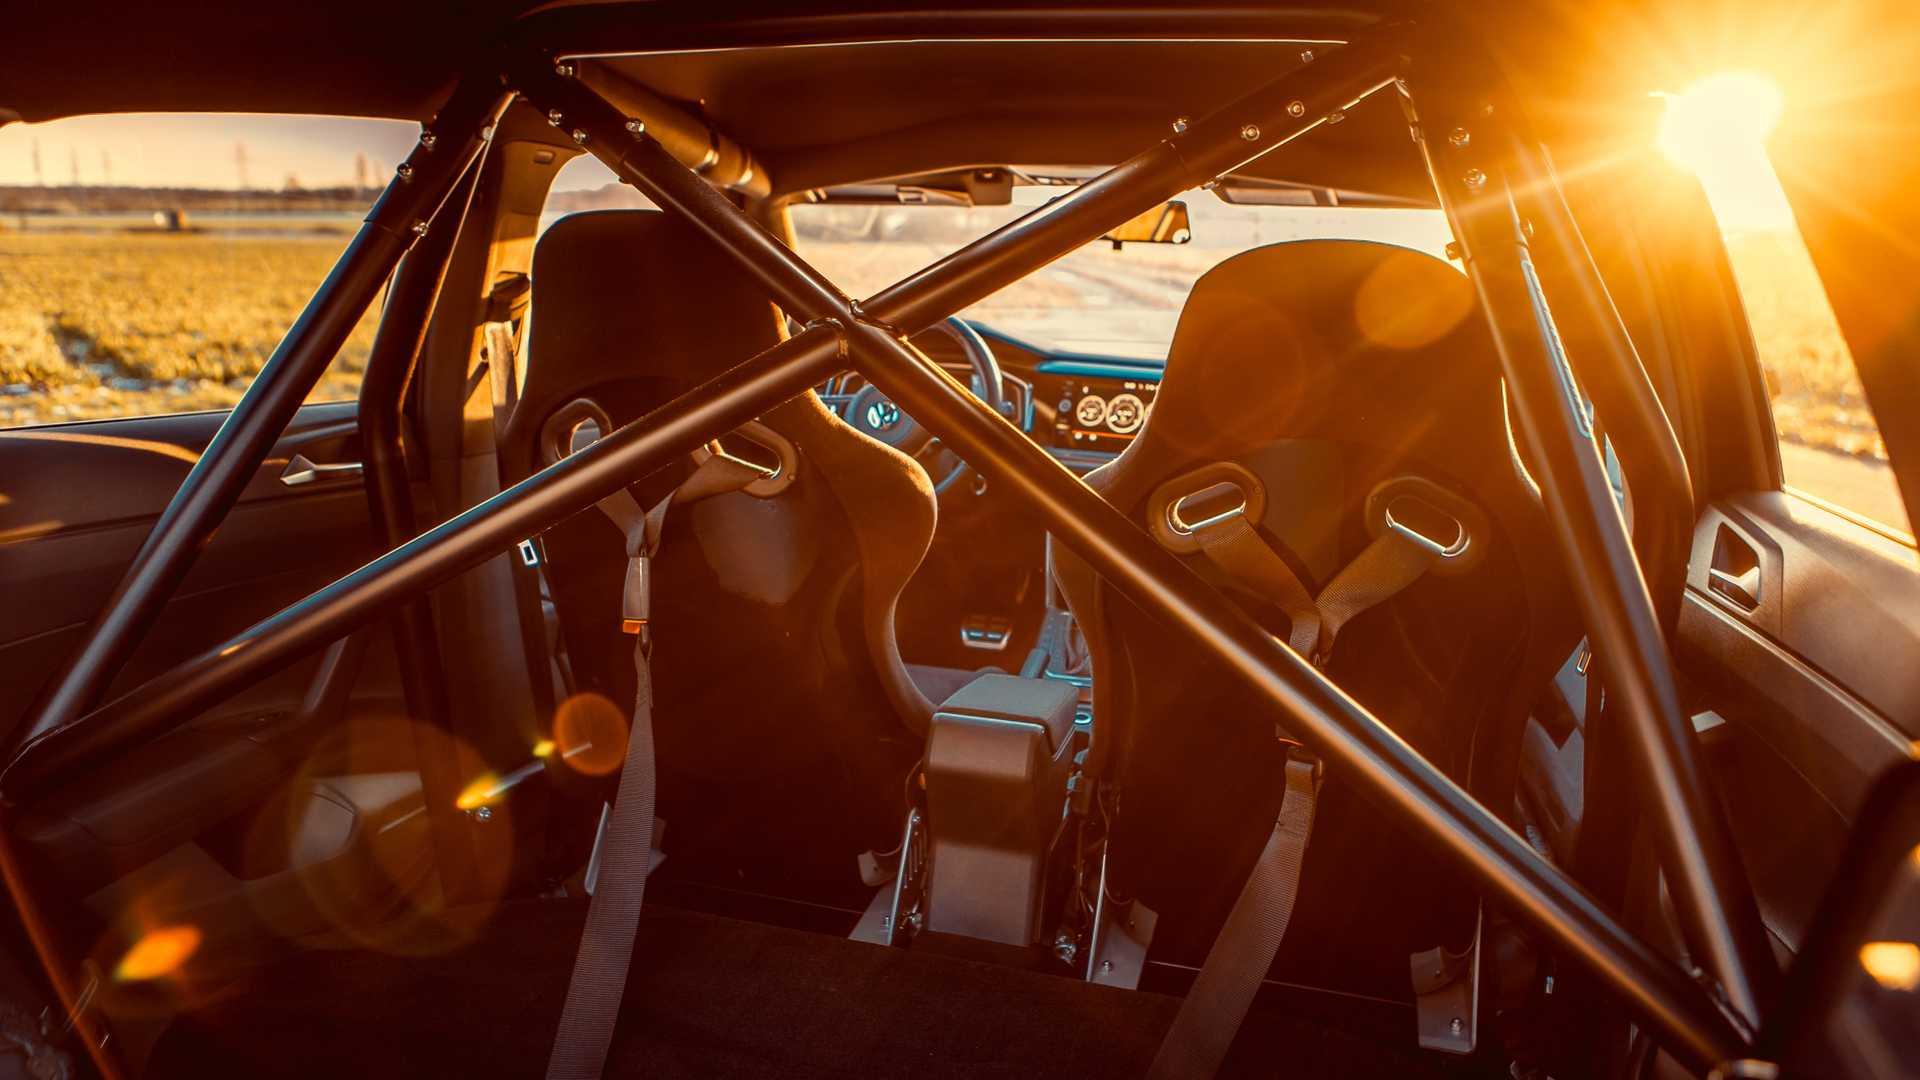 Volkswagen-Polo-GTI-by-Siemoneit-Racing-15